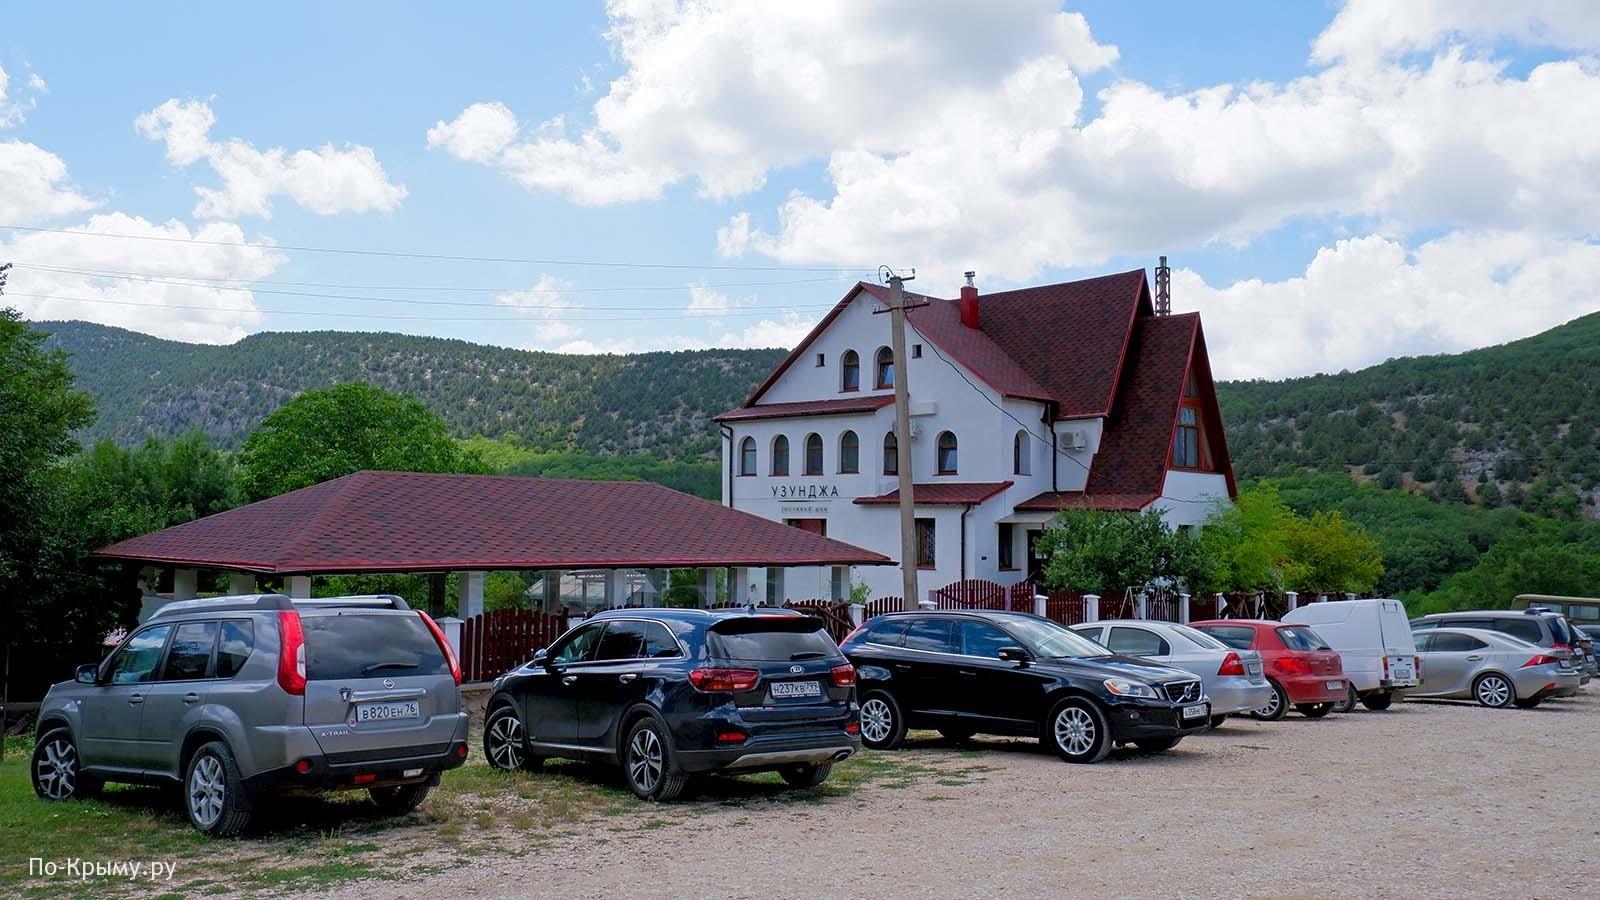 Гостевой дом Узунджа, Севастополь